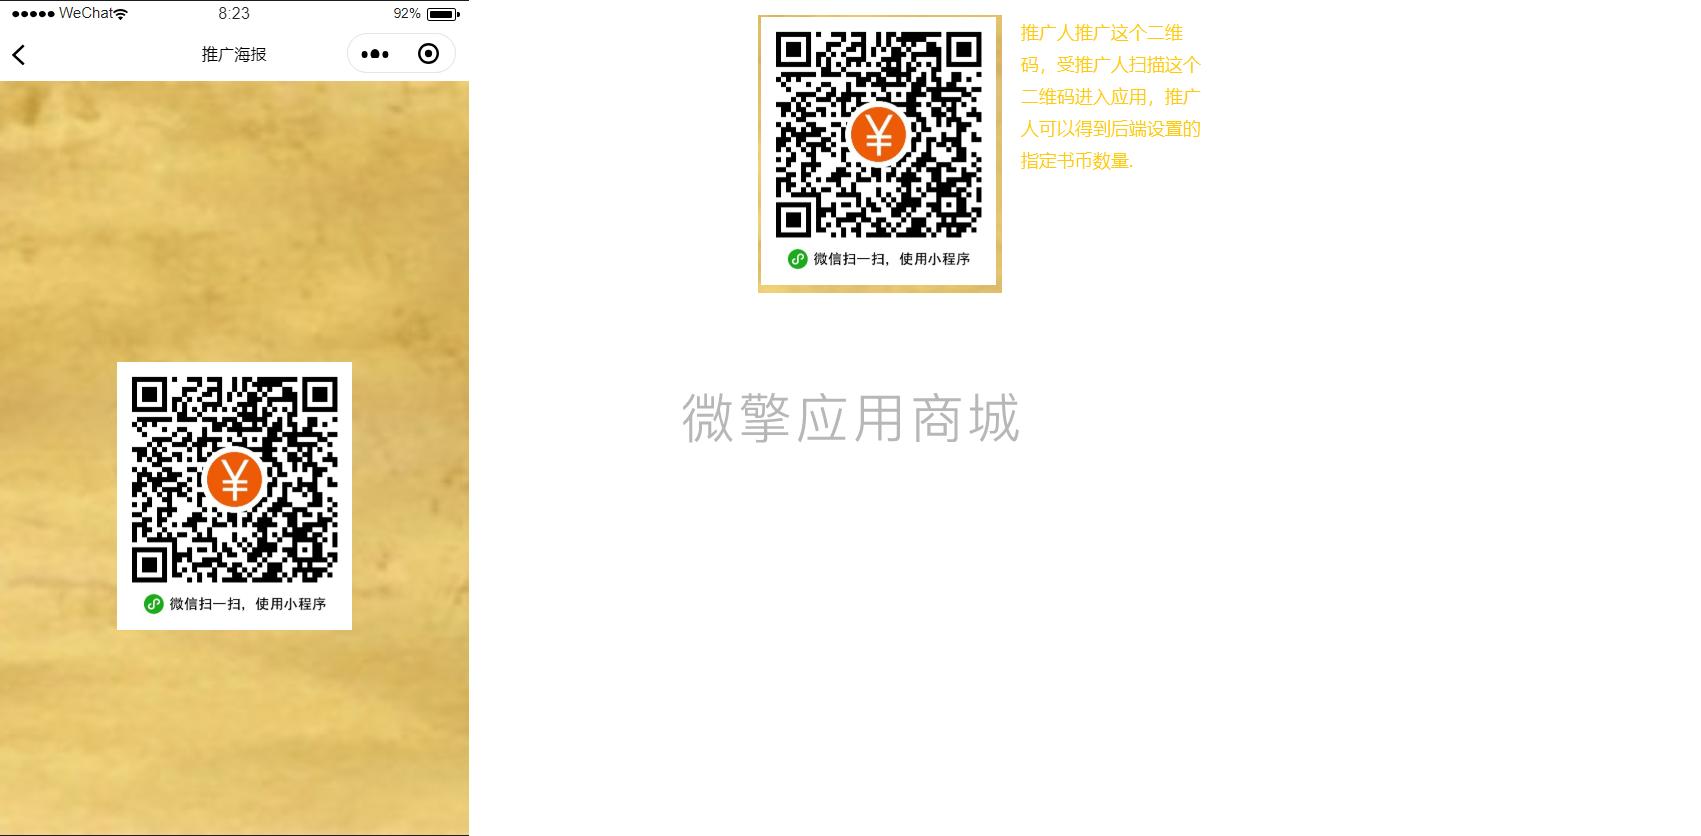 海报推广.png